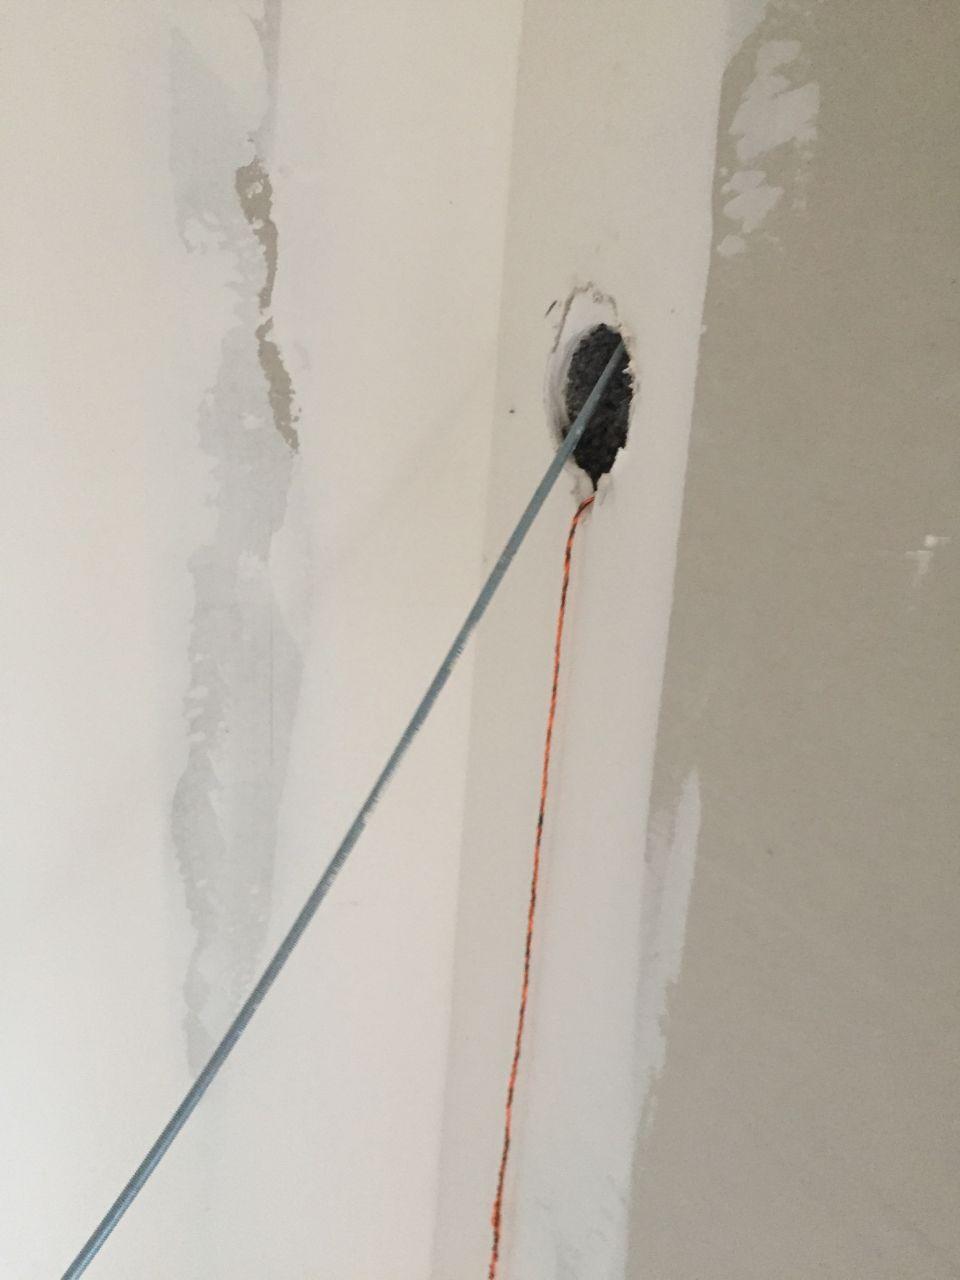 Passage De Cable Dans Cloison comment passer des gaines élec derrière ba13 + polystyrène